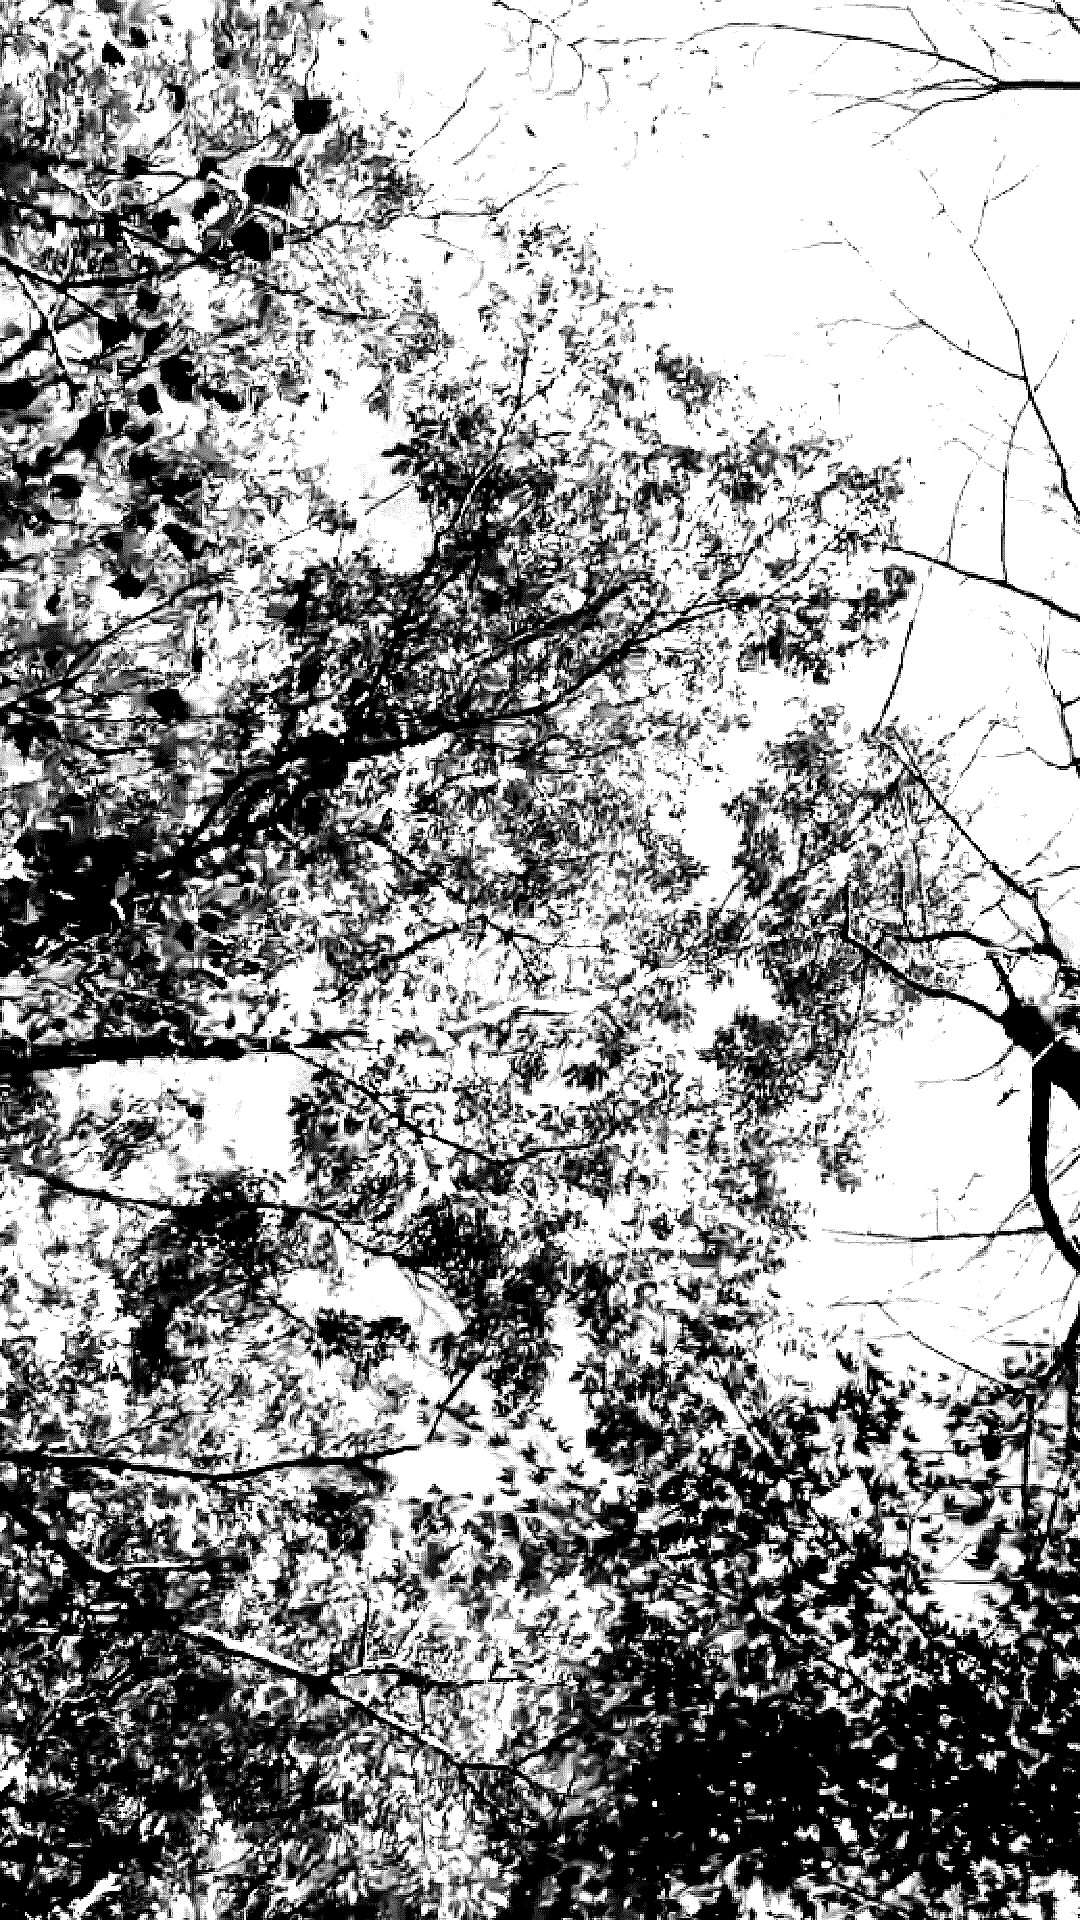 9900 Gambar Keren Hitam Putih Untuk Wallpaper Gratis